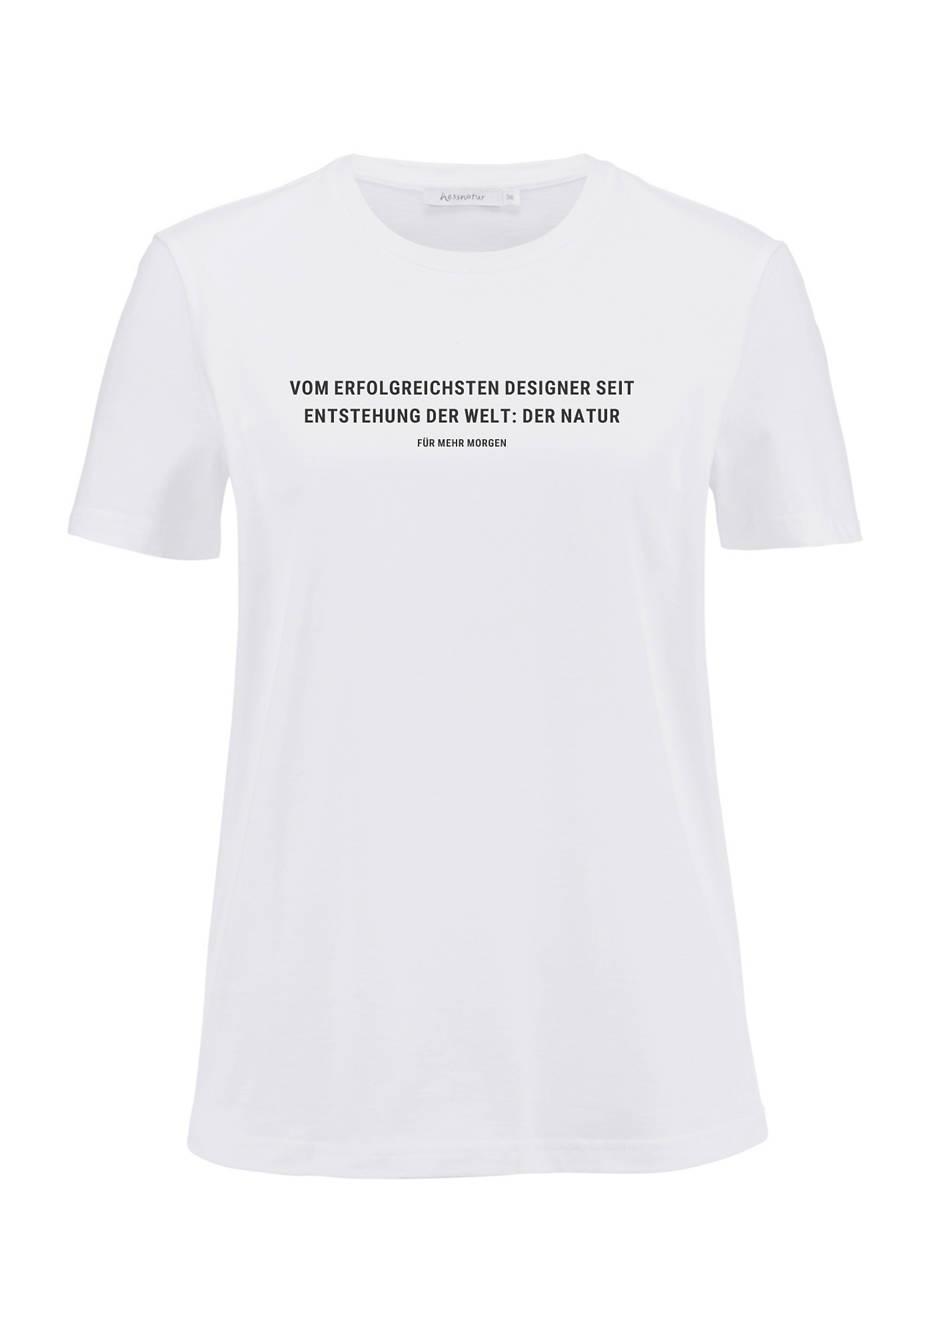 Statement Shirt aus reiner Bio-Baumwolle